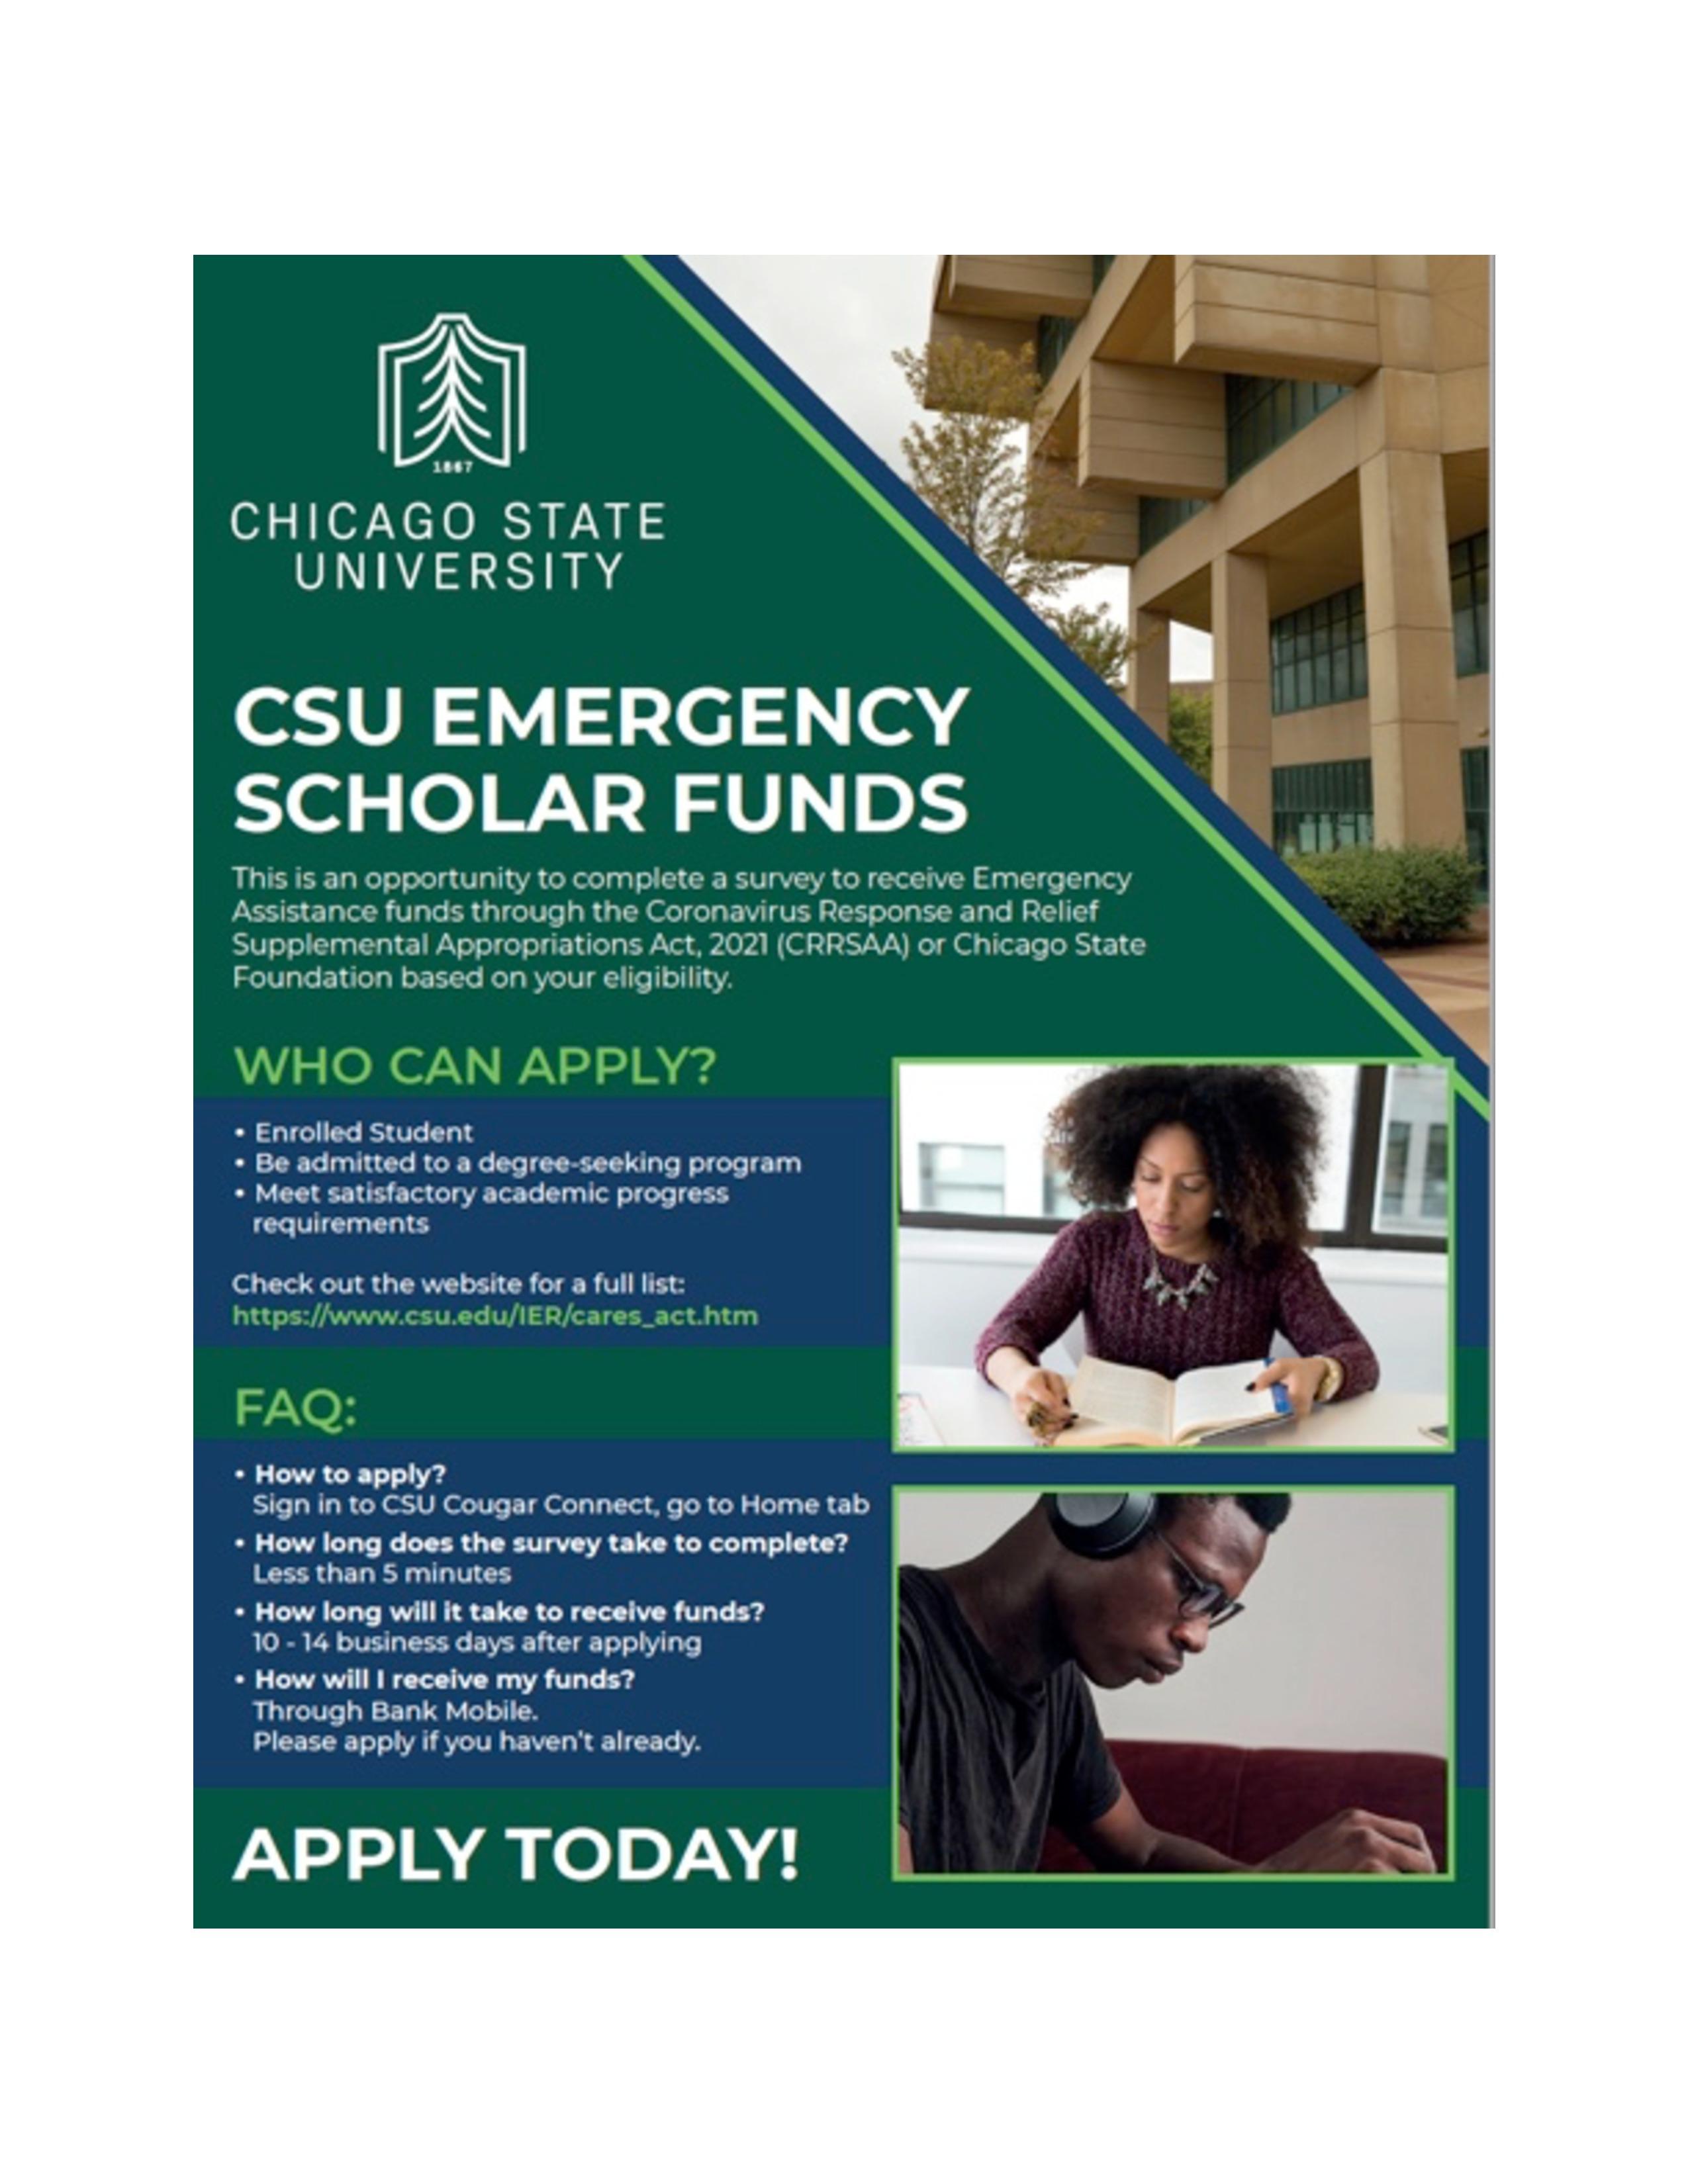 CSU EMERGENCY SCHOLAR FUNDS